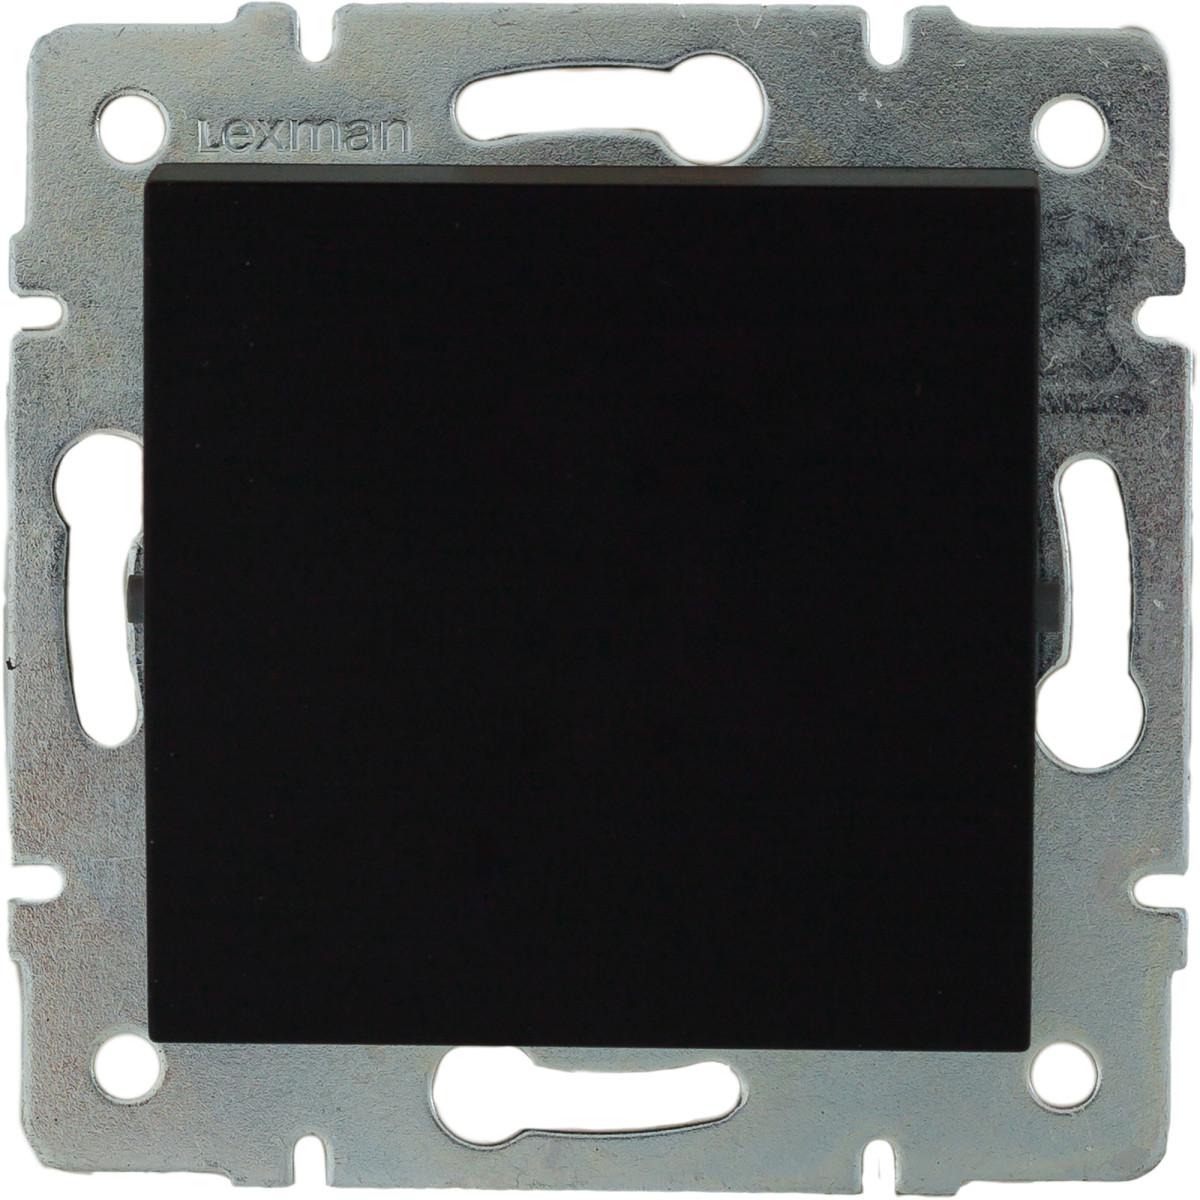 Выключатель встраиваемый Lexman Виктория 1 клавиша цвет черный бархат матовый